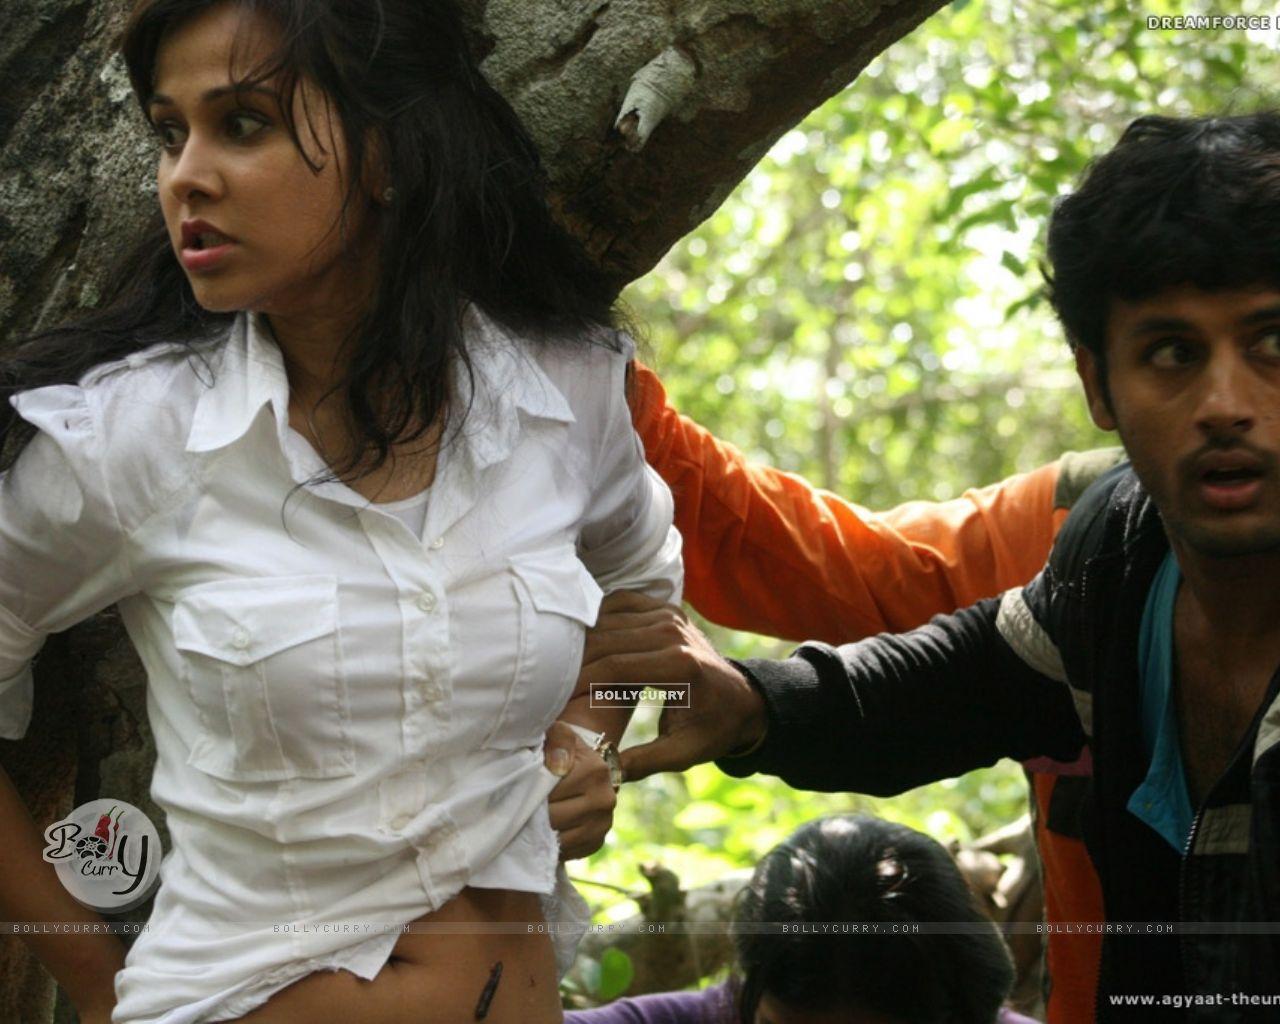 Nitin Reddy and Nisha Kothari in Agyaat movie (20388) size:1280x1024